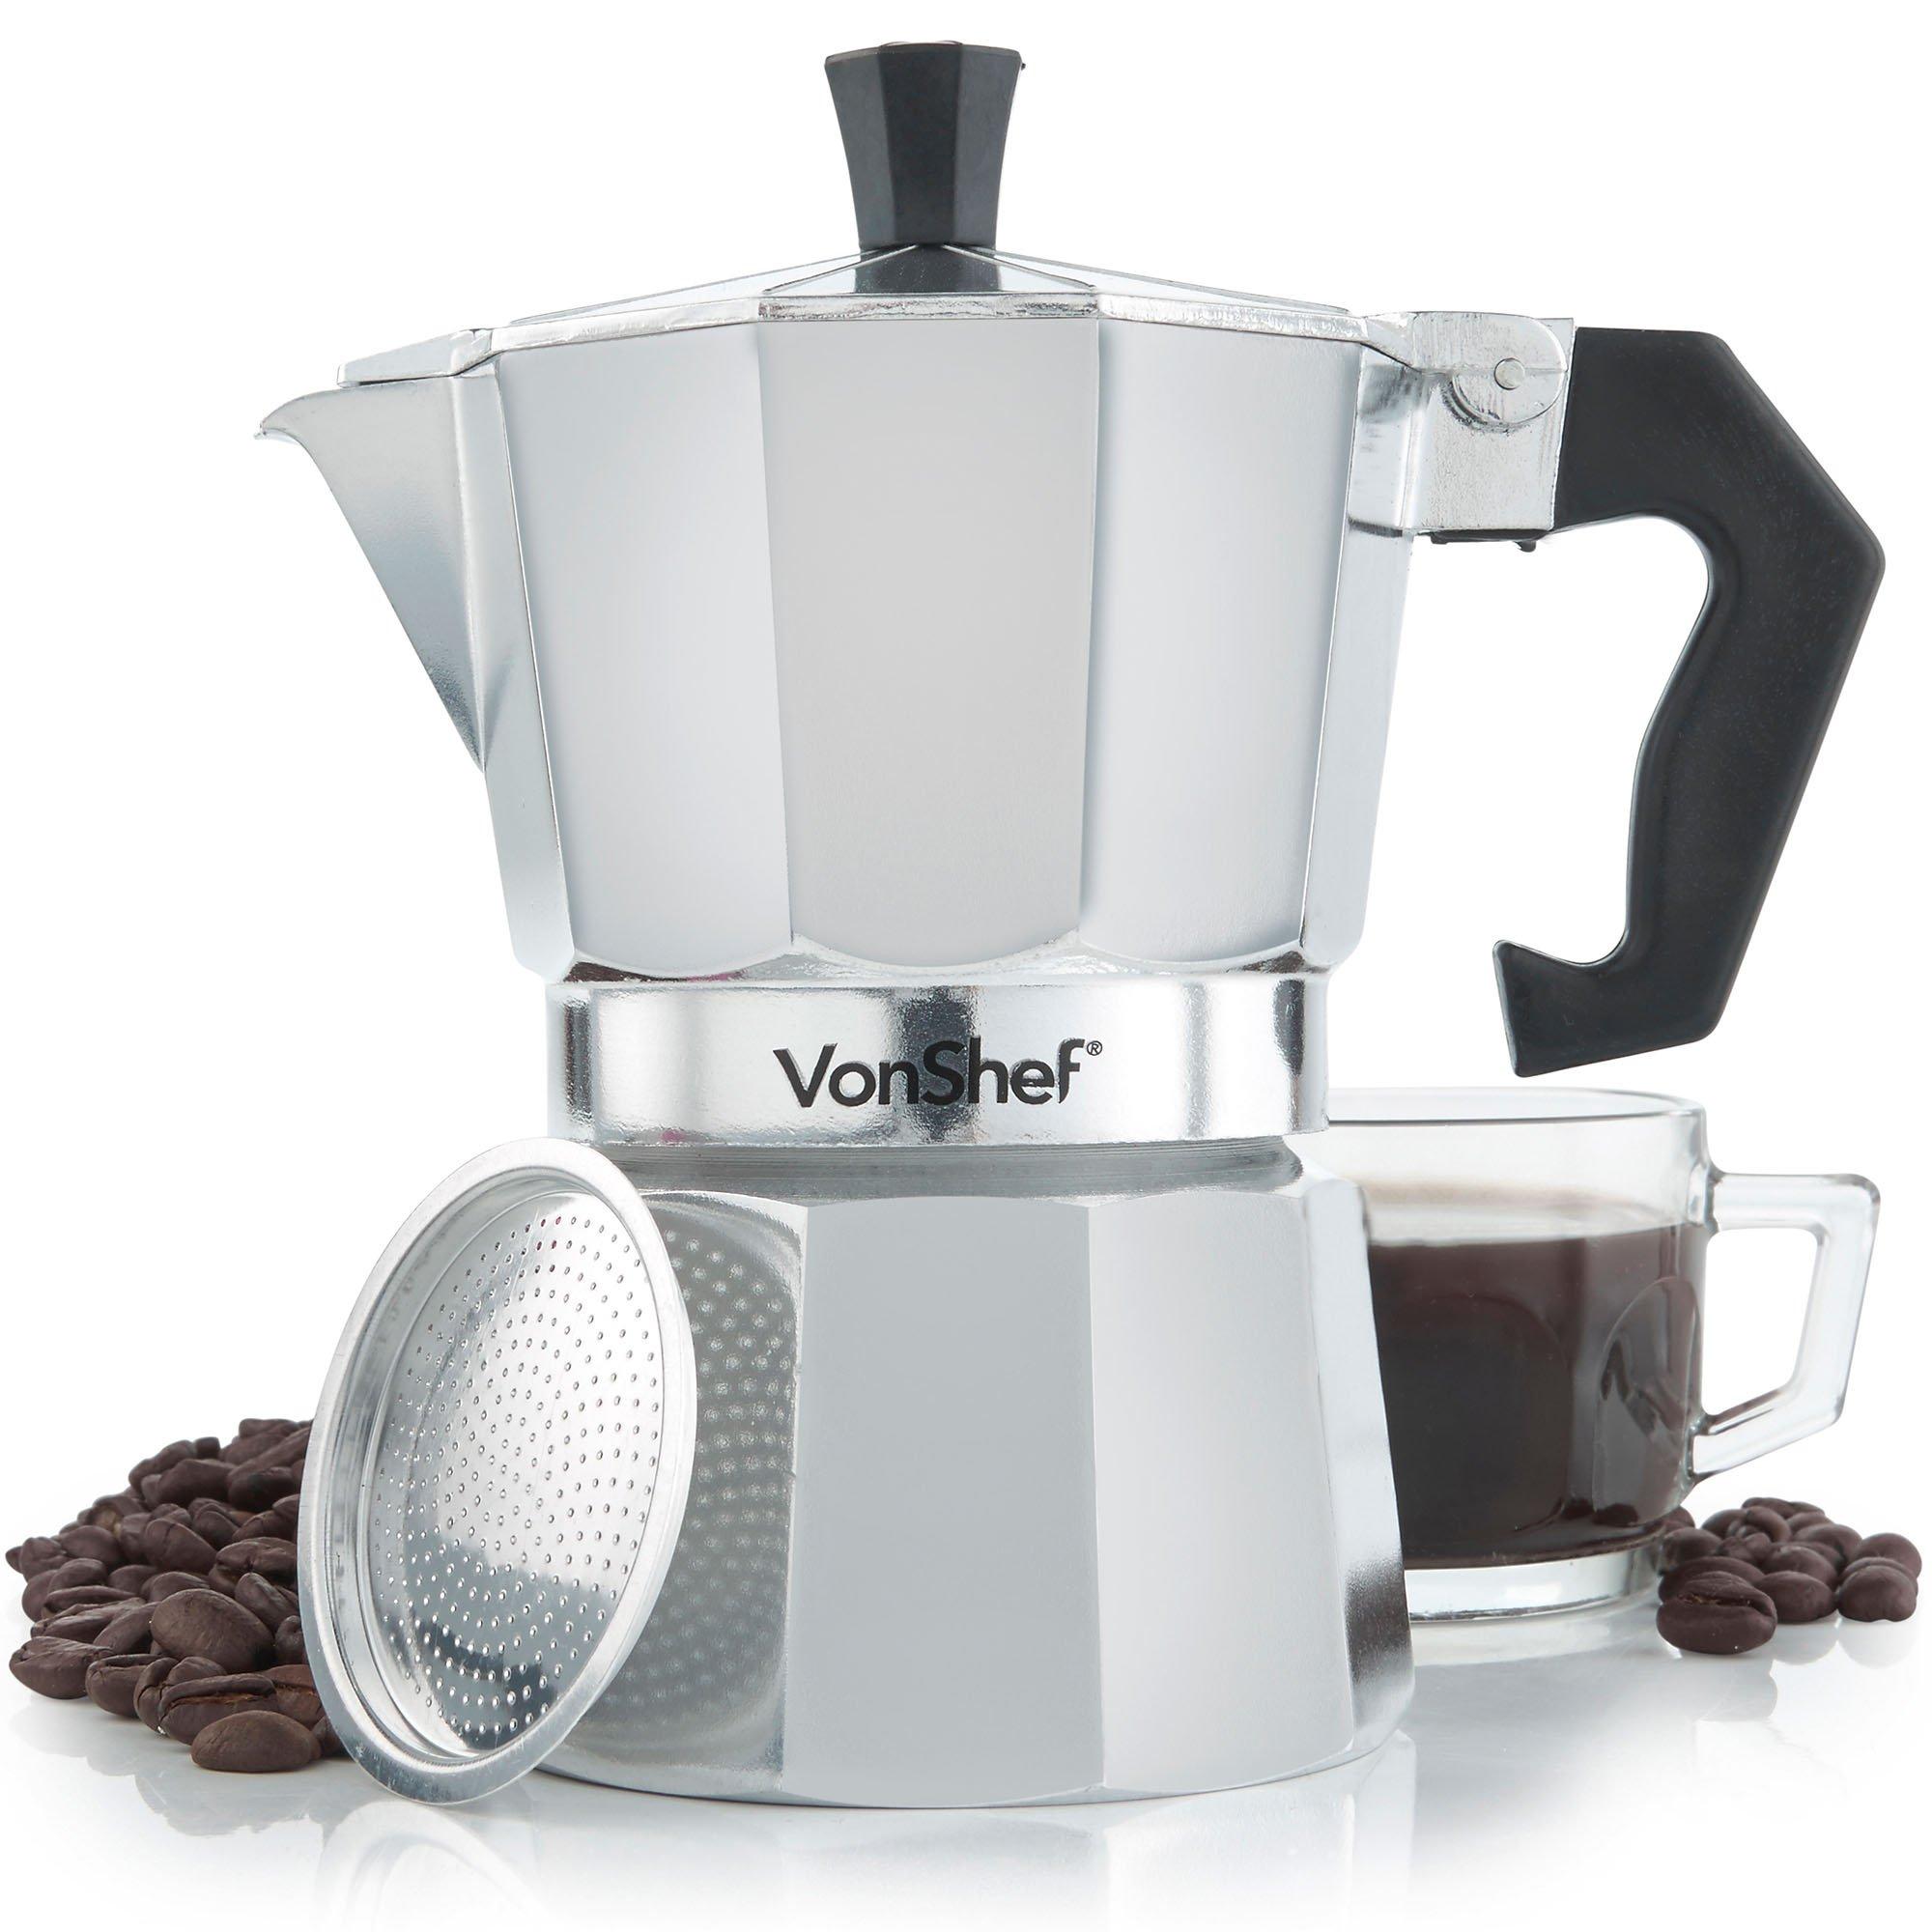 VonShef 3 Cup Italian Espresso Coffee Maker Stove Top Moka Macchinetta Product Image